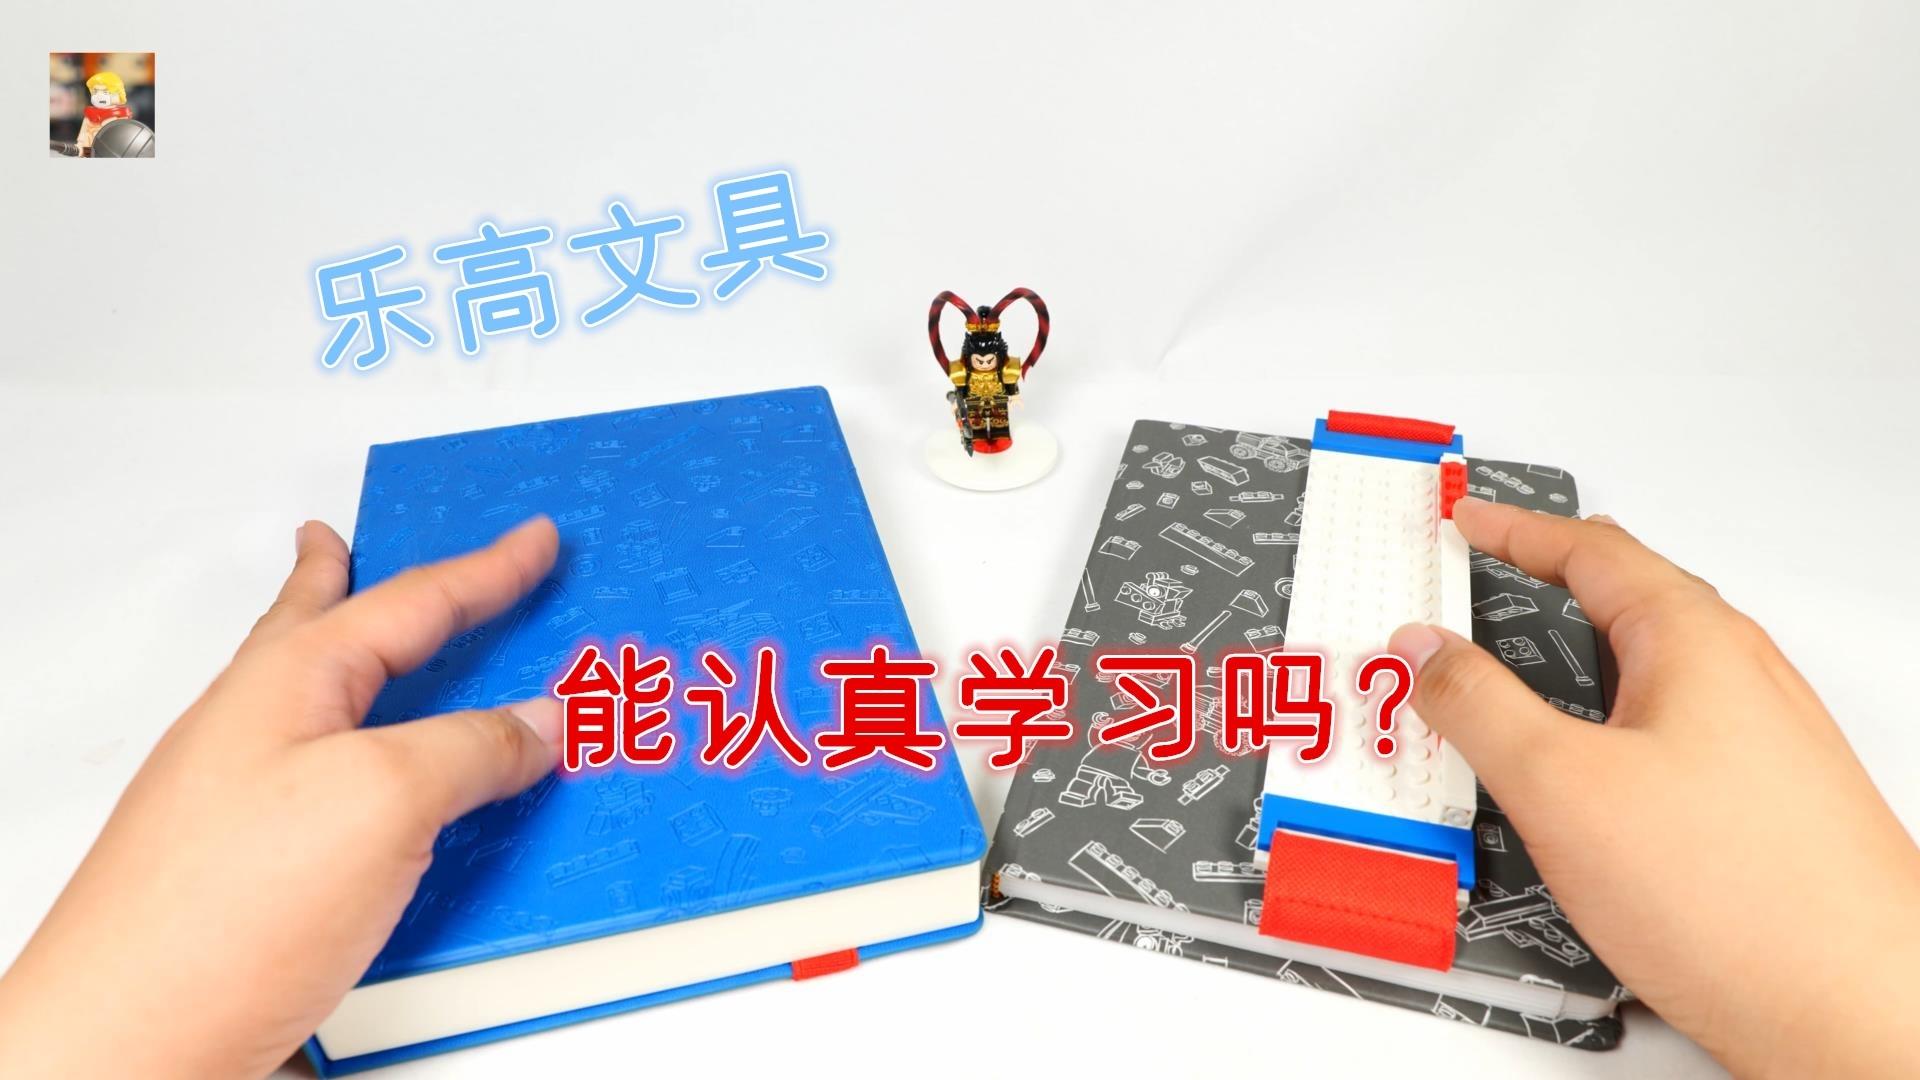 开箱乐高出品的文具,用了这个,真的能好好学习吗?